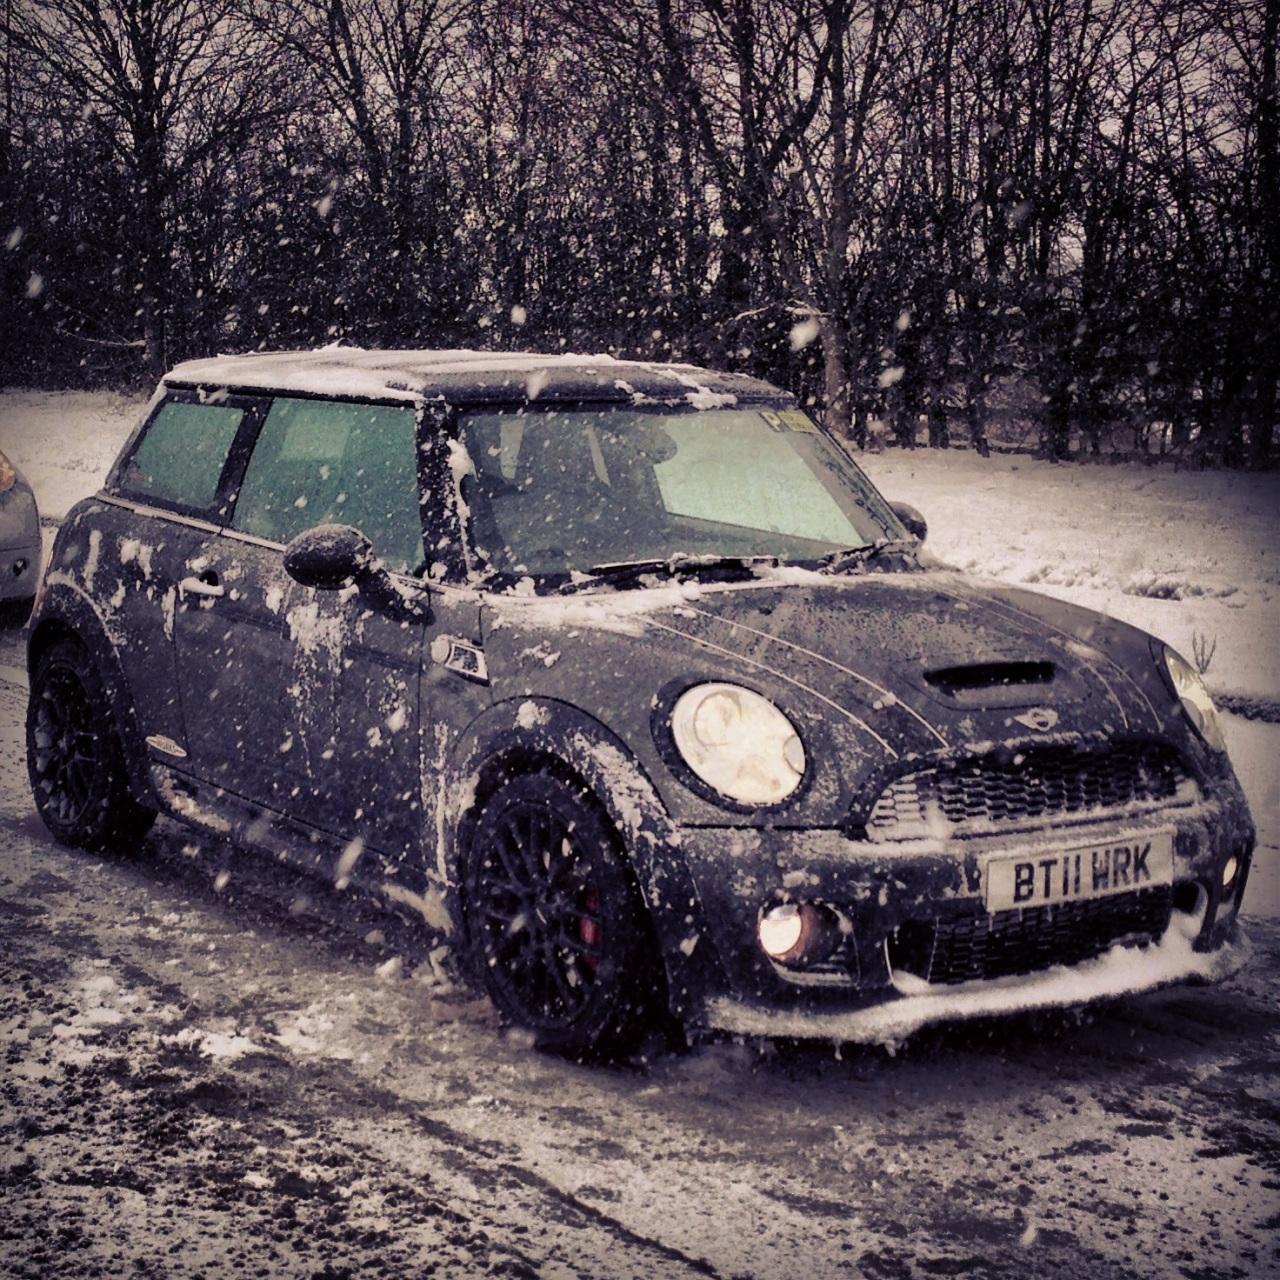 Snow JCW